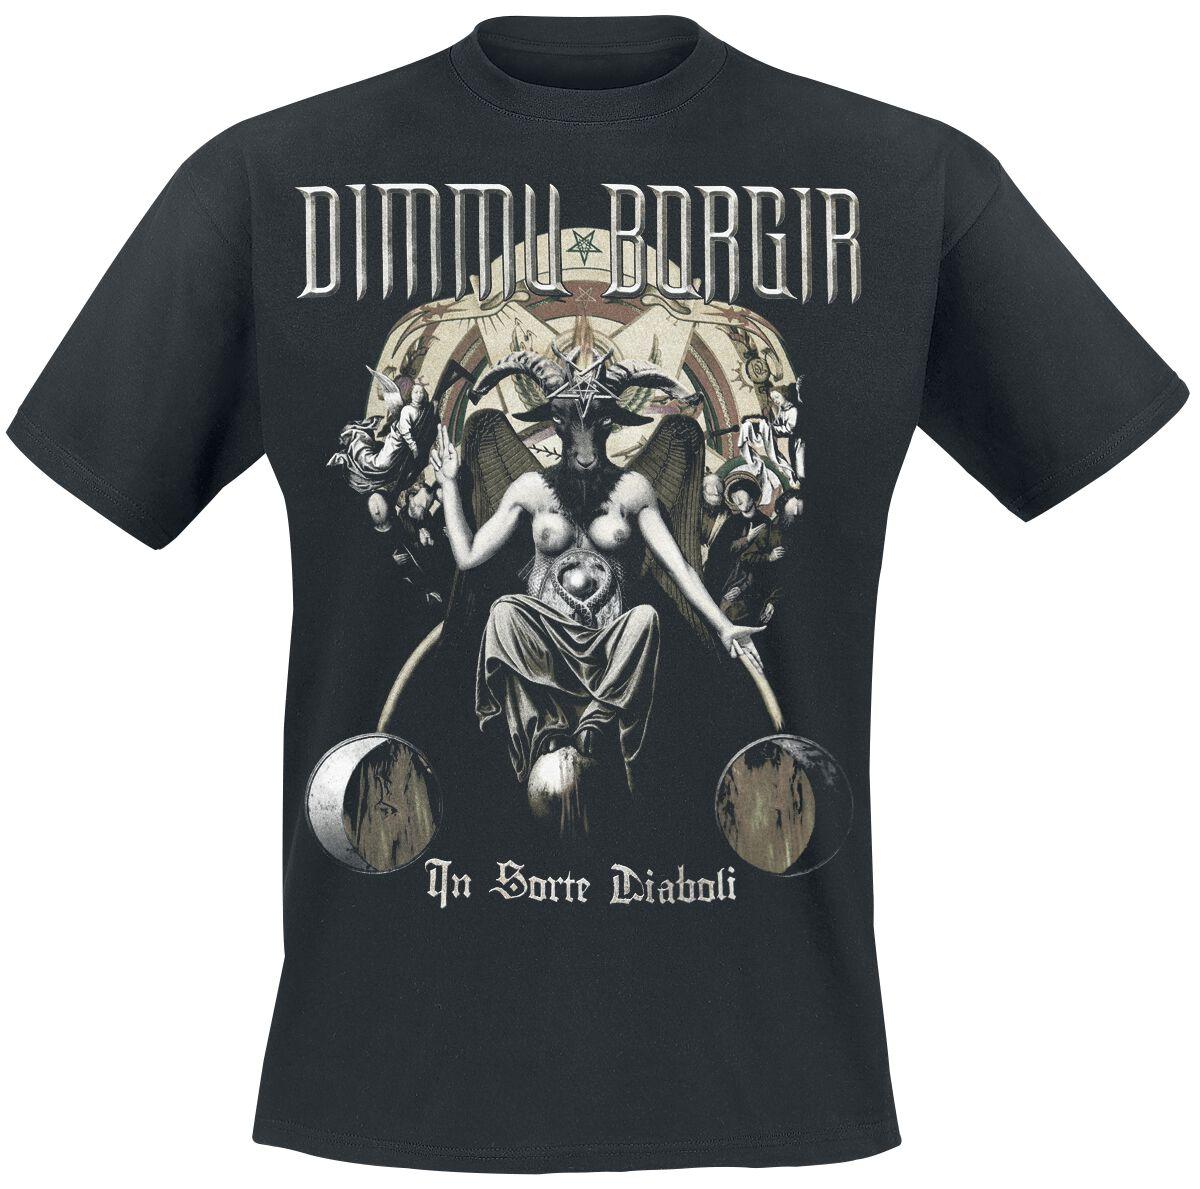 Zespoły - Koszulki - T-Shirt Dimmu Borgir In sorte diaboli T-Shirt czarny - 363556